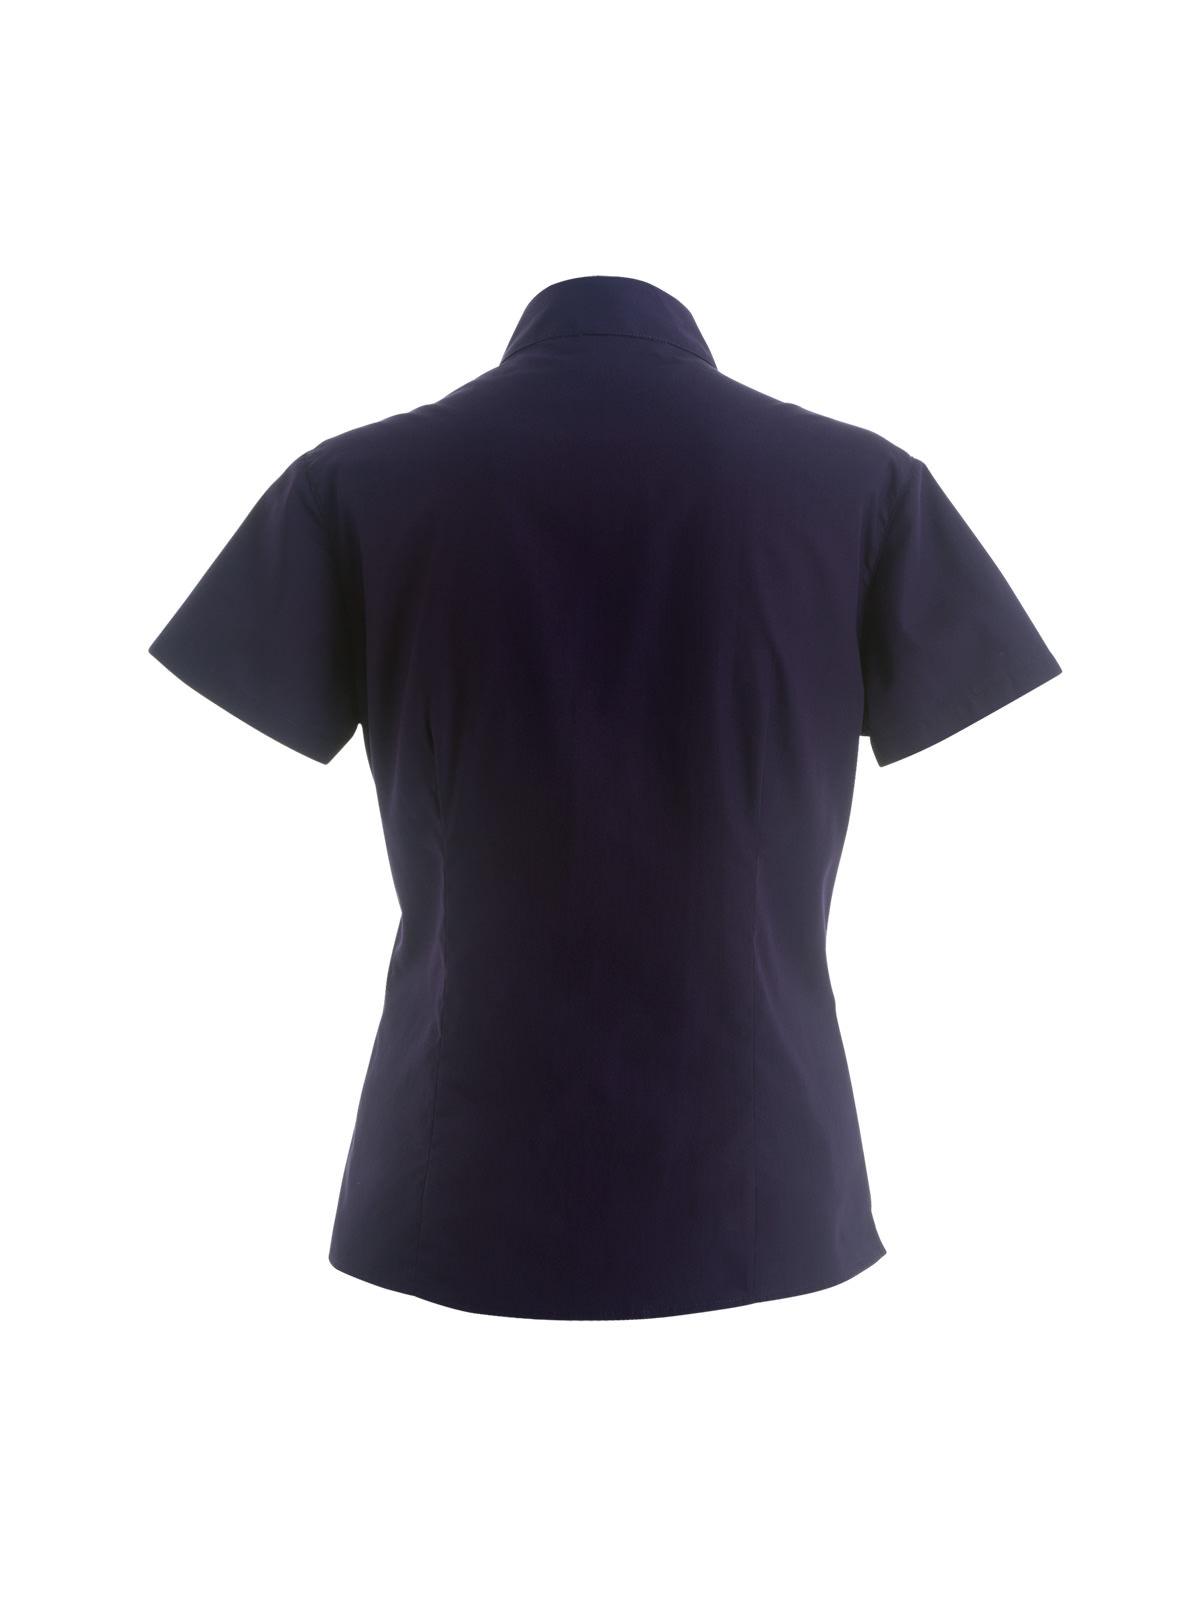 Band T Shirts Vintage  Juni 2014 86a737e04e